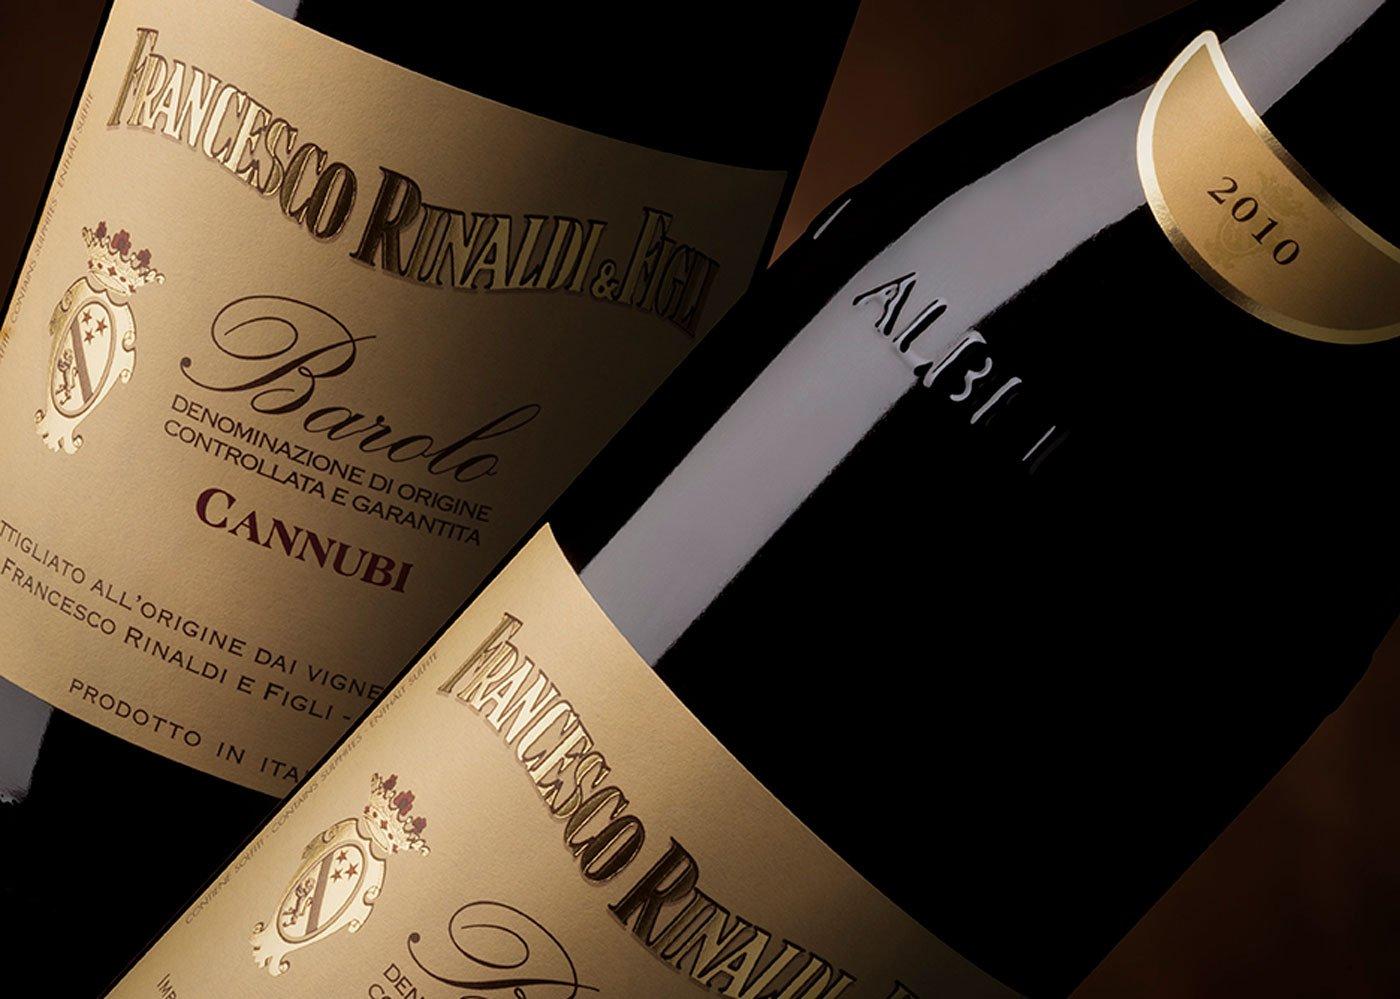 I nostri vini più premiati: Barolo Cannubi e Barolo Brunate